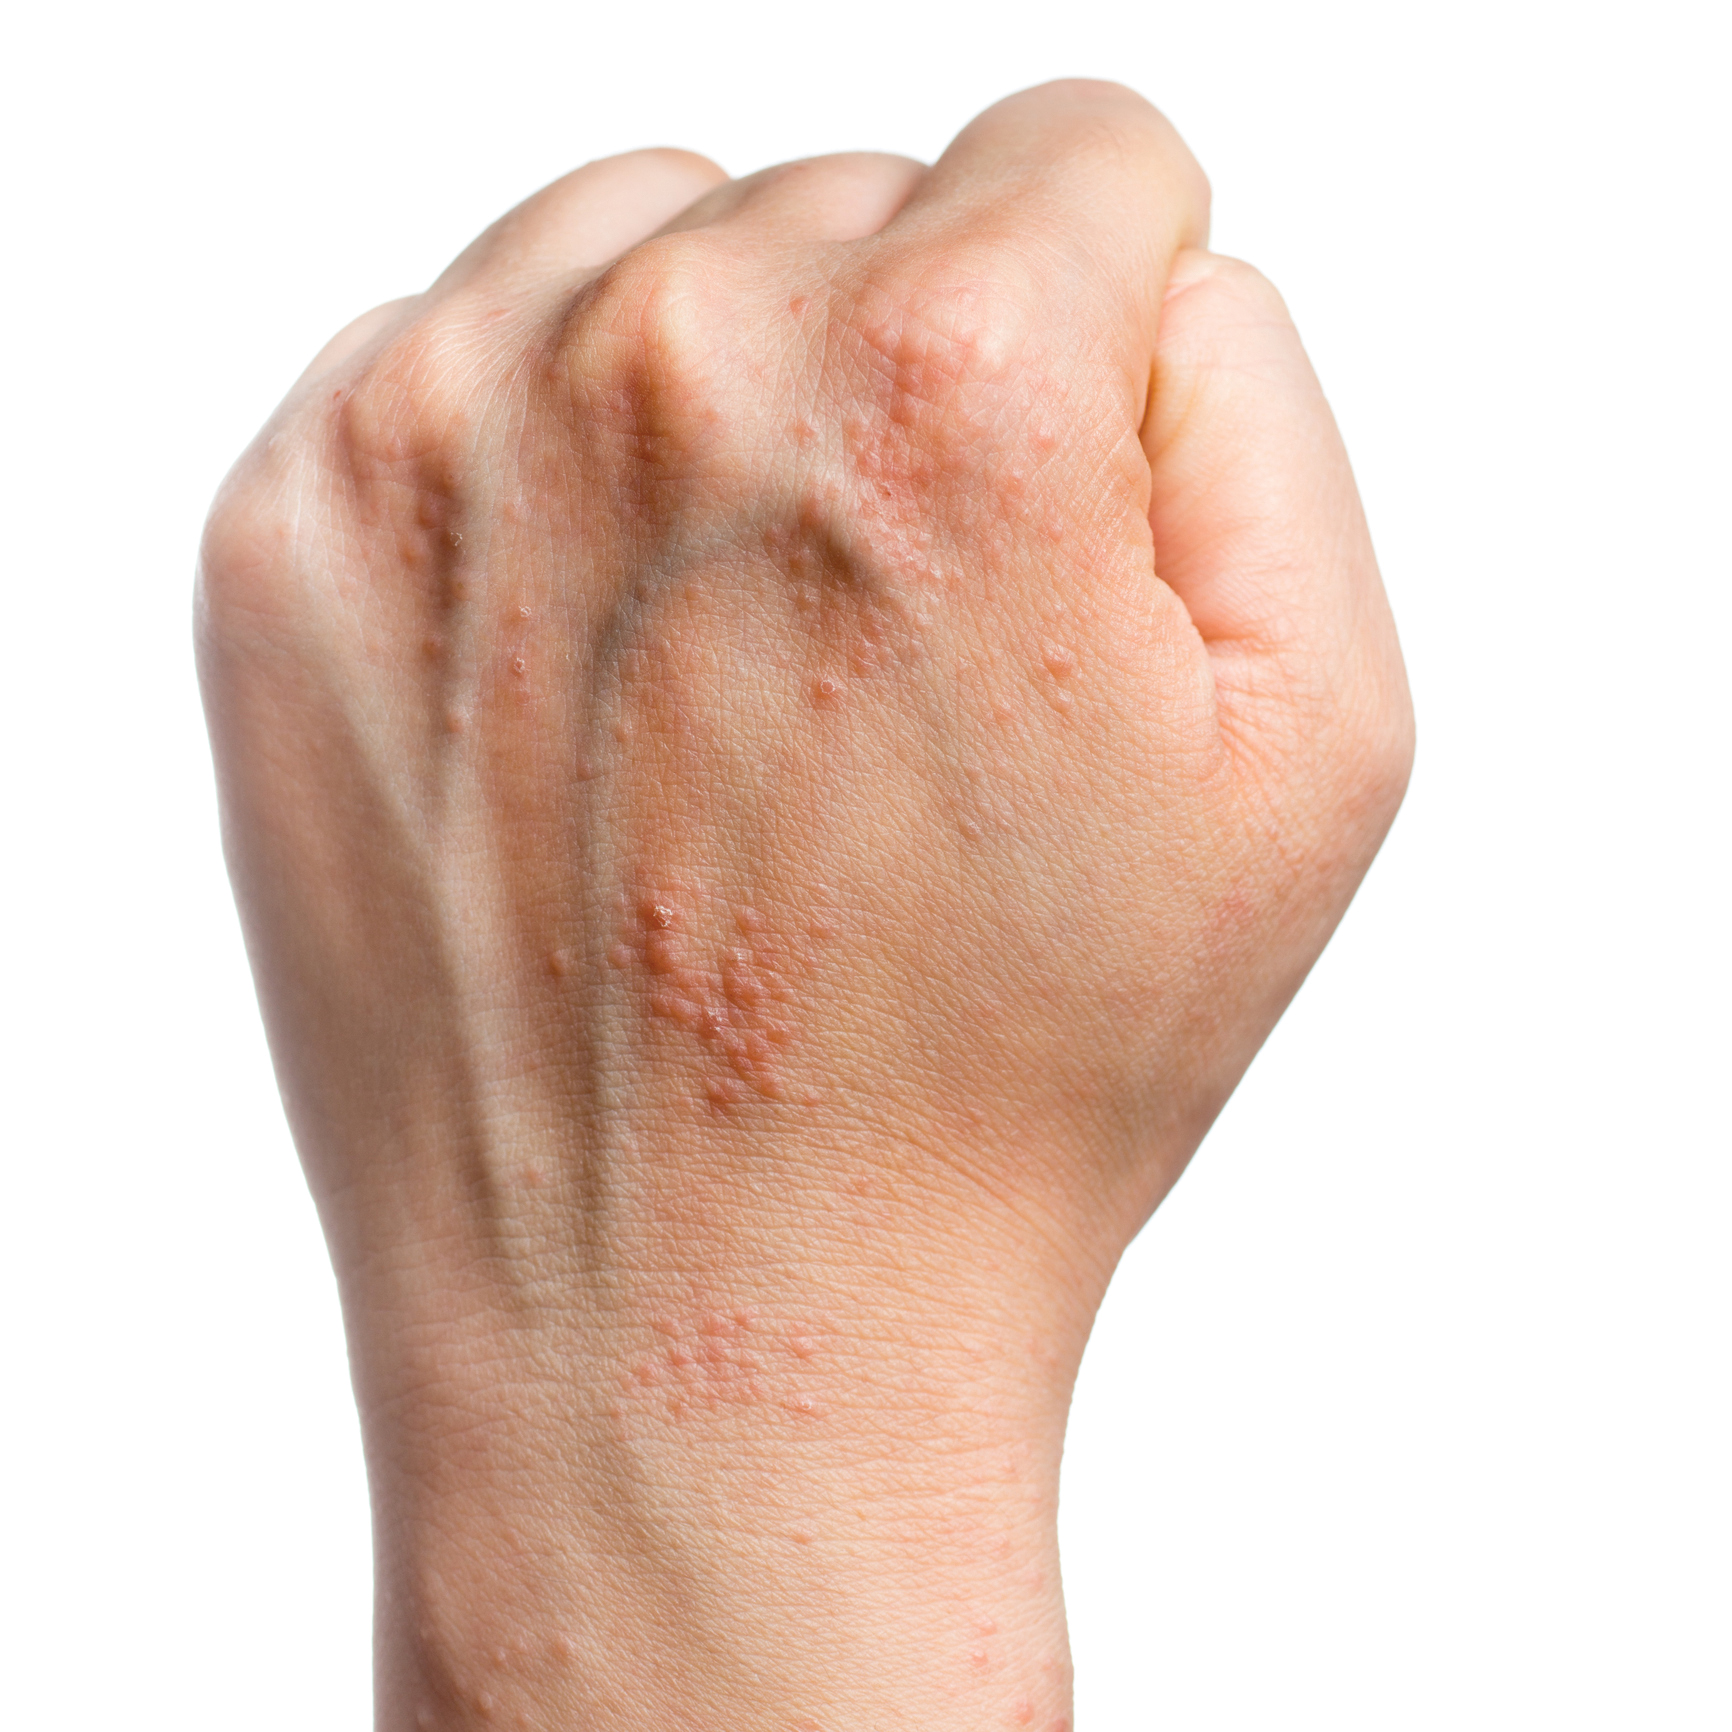 Чесотка – как выглядит (фото). симптомы и лечение чесотки